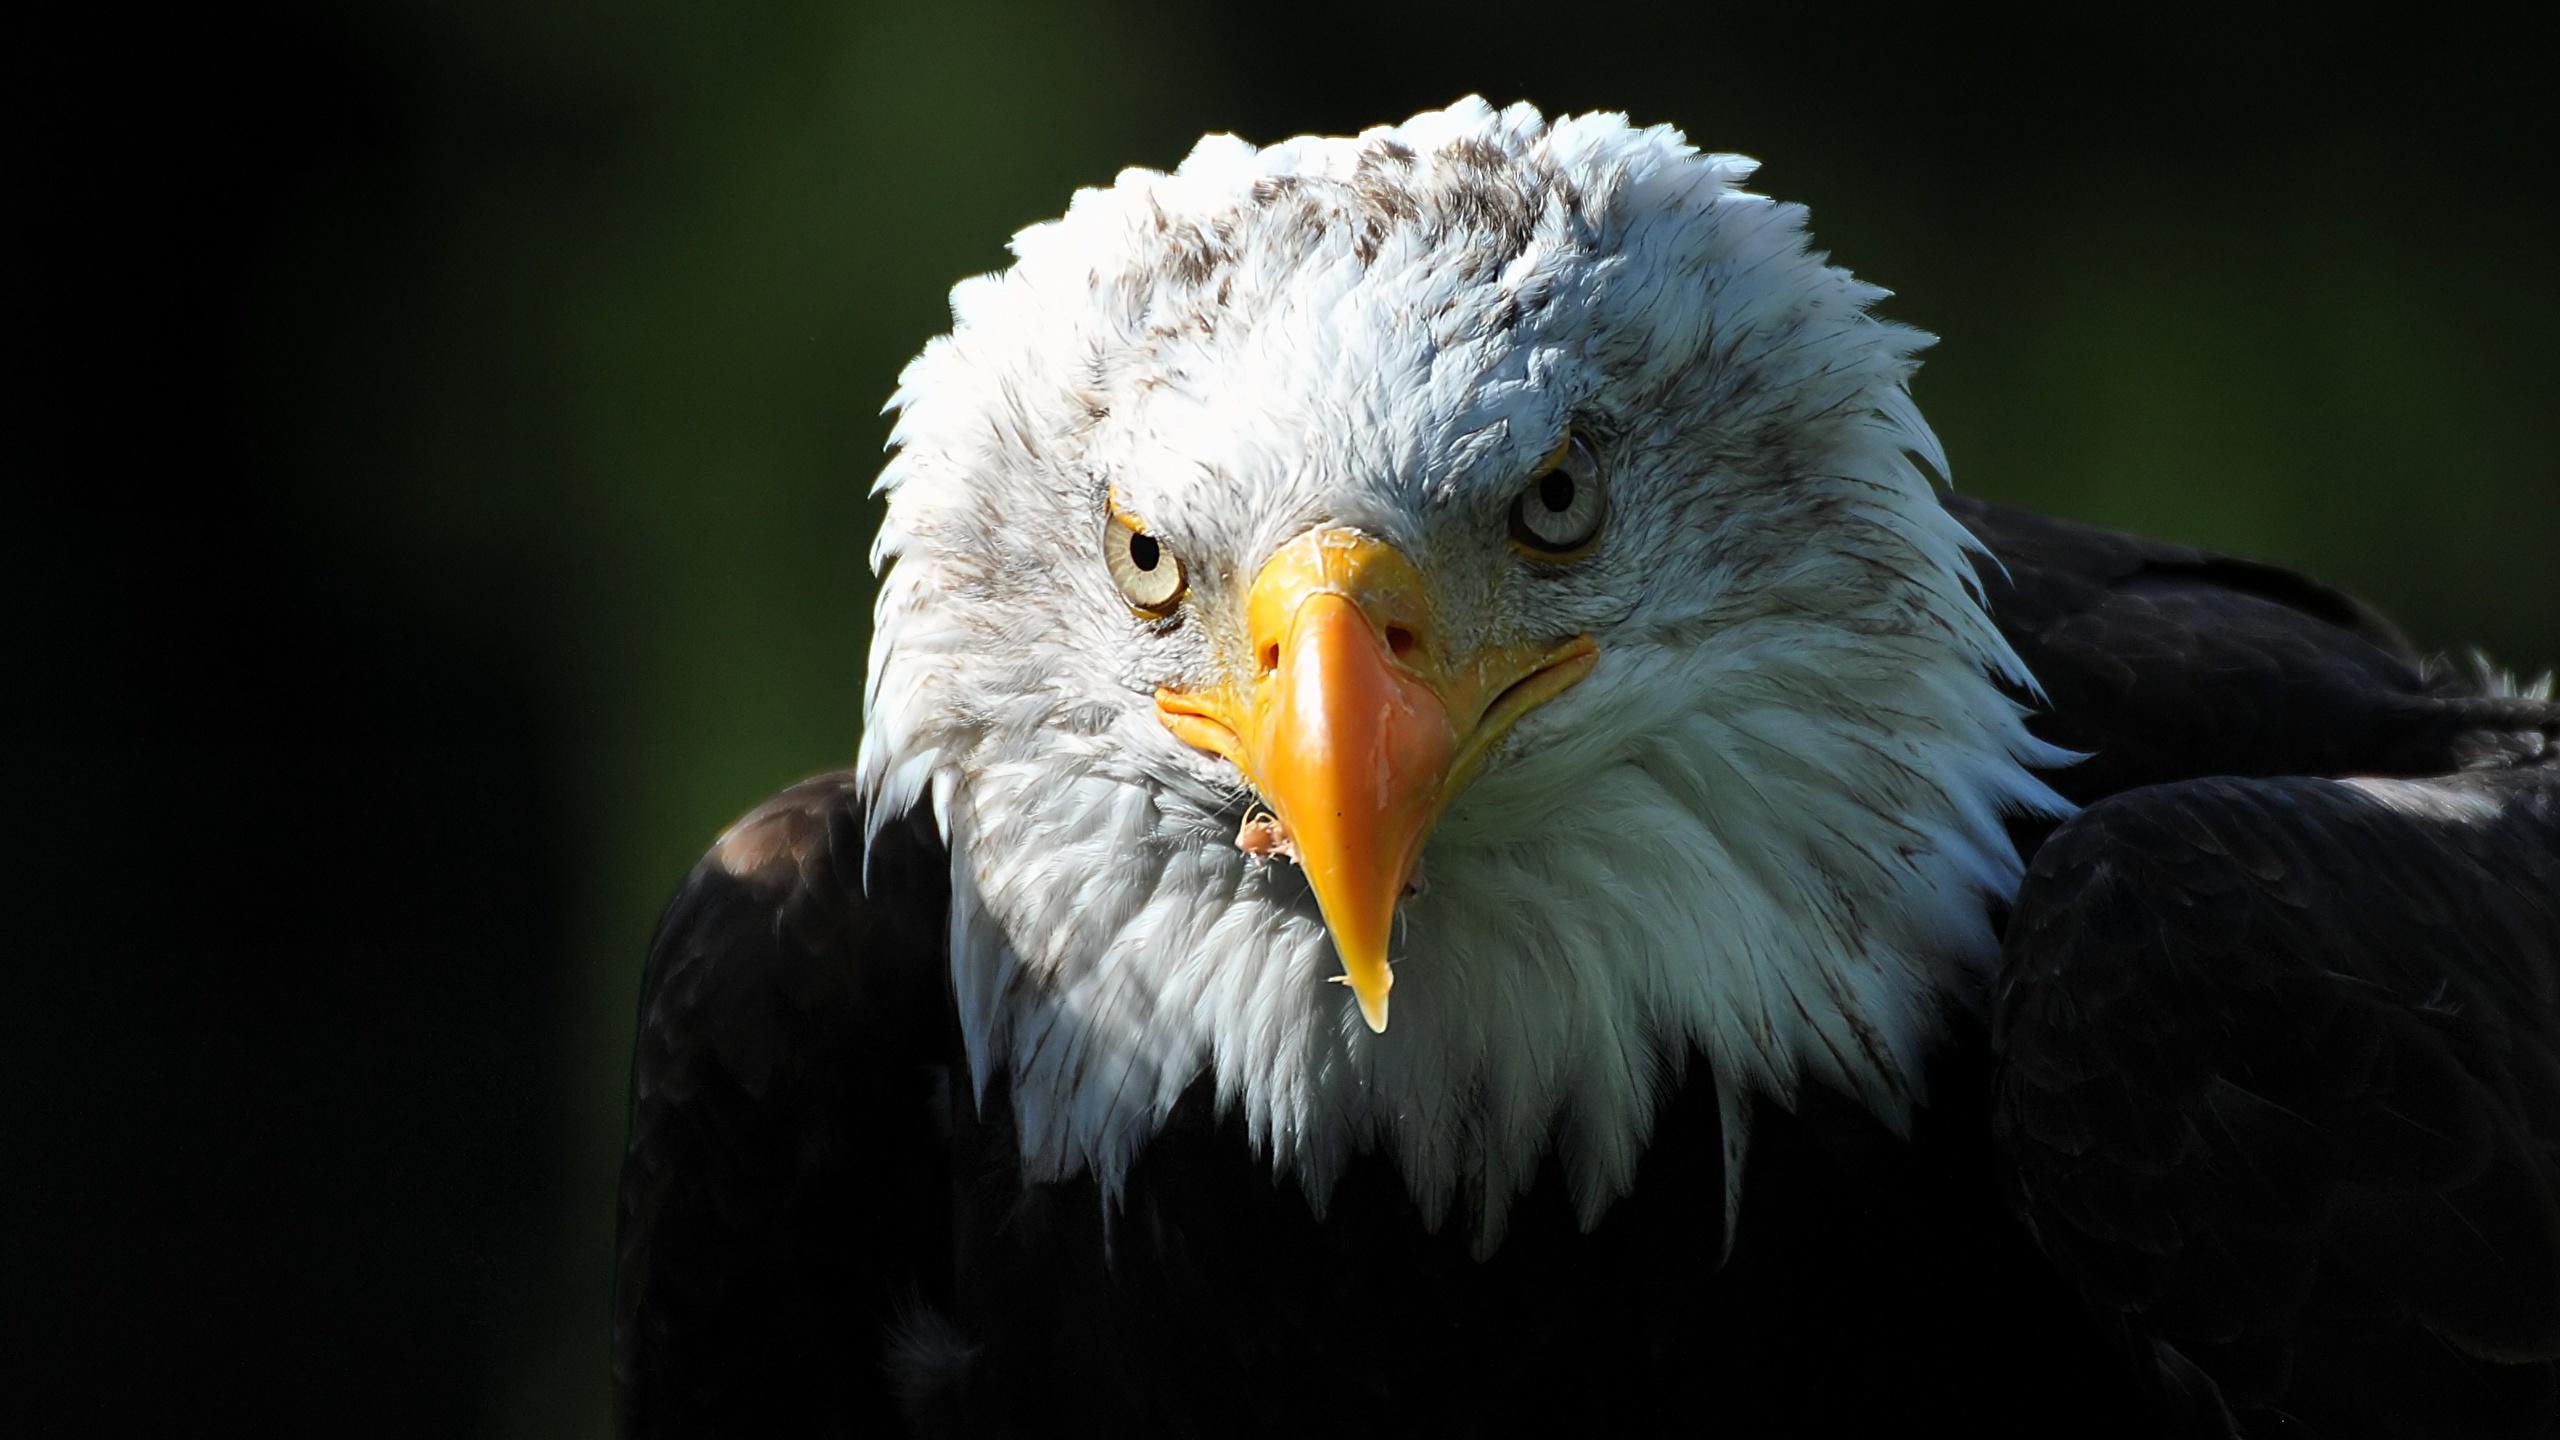 Fonds Decran 2560x1440 Oiseau Buse En Gros Plan Tête